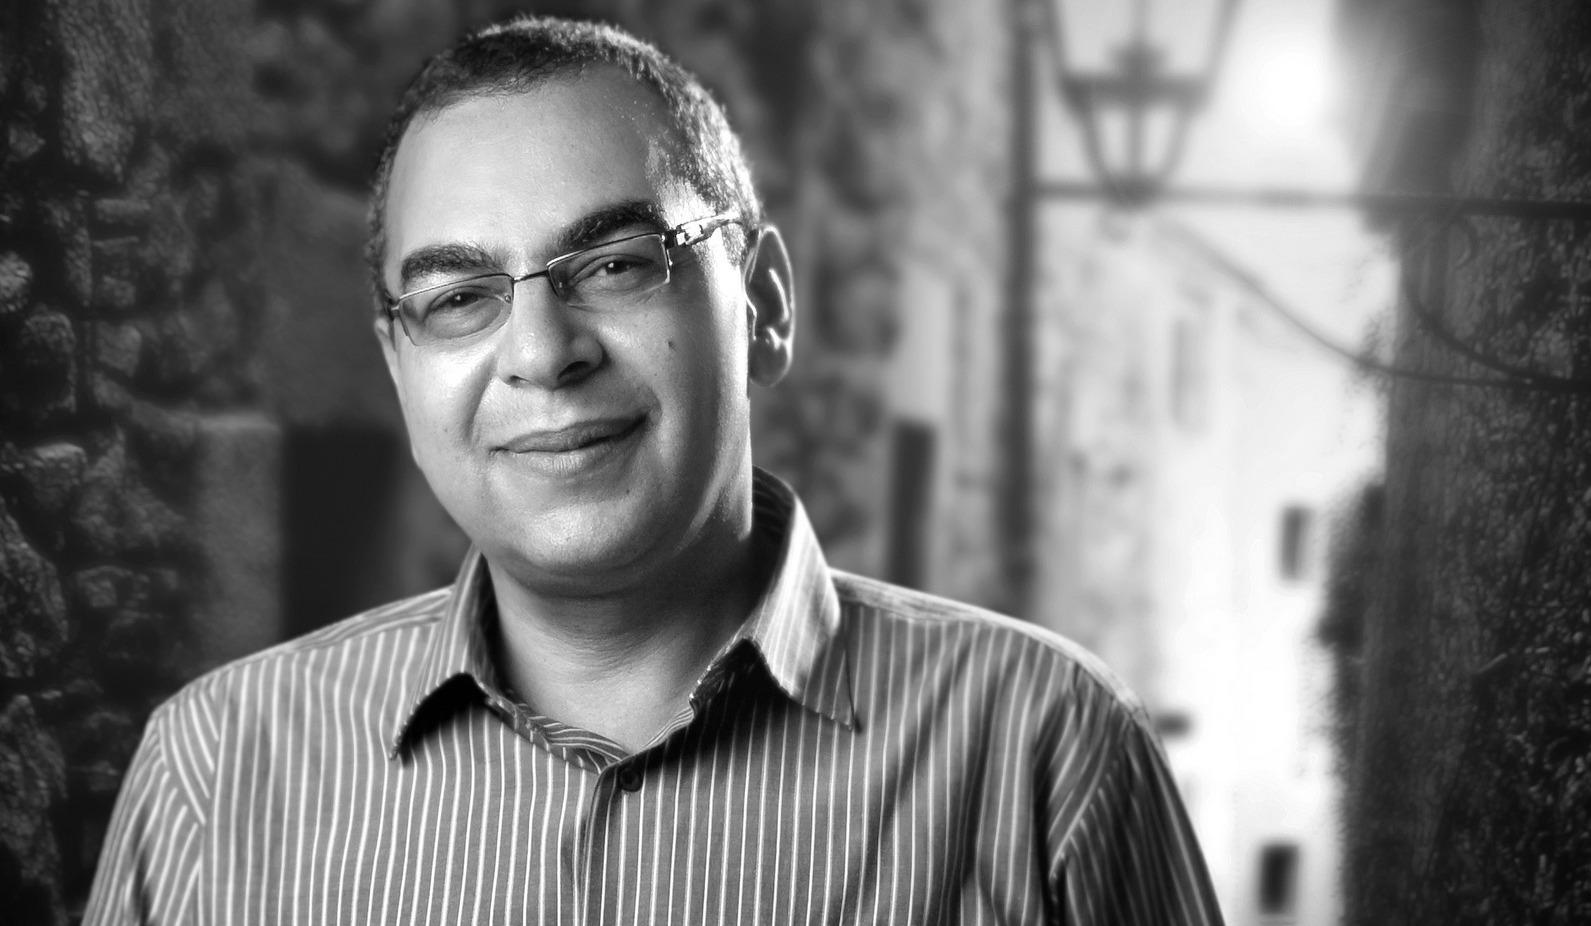 اللحظات الأخيرة في حياة أحمد خالد توفيق.. هذا ما جرى في مستشفى عين شمس